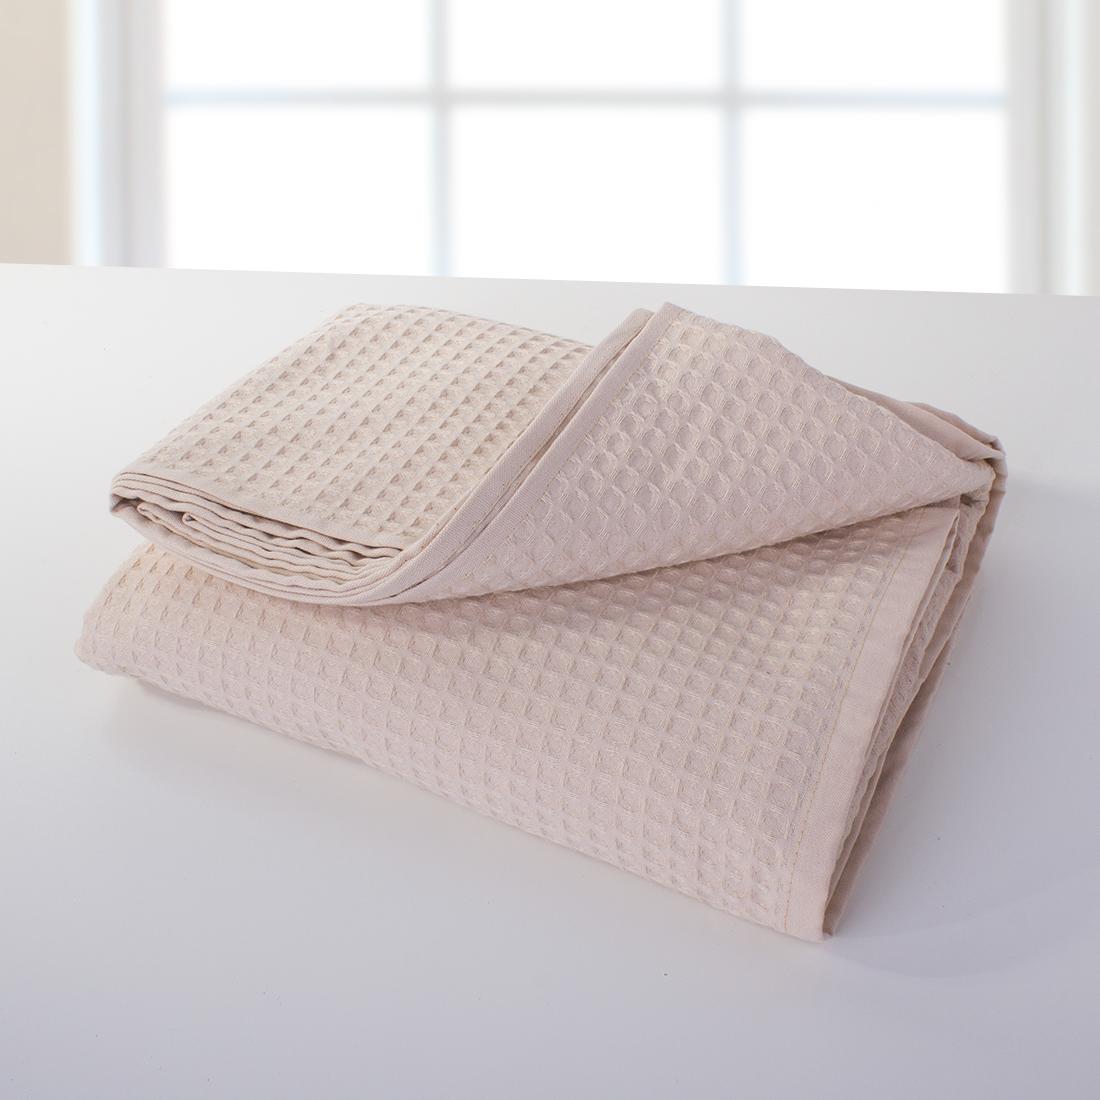 """Полотенце для бани Dome """"Ribbed"""" - сделано из пике, довольно неприхотливой добротной ткани. В ее составе только экологически чистые материалы. Пике замечательно впитывает жидкости и является достойным аналогом изделий из махры для ванной комнаты и кухни. Отличительная особенность пике - это особое переплетение волокон, в результате которого получается 3D узор. Такой вид плетения придает ткани особую мягкость и легкость. Полотенце для бани Dome """"Ribbed"""" не занимает много места, легко стирается и очень быстро сохнет."""